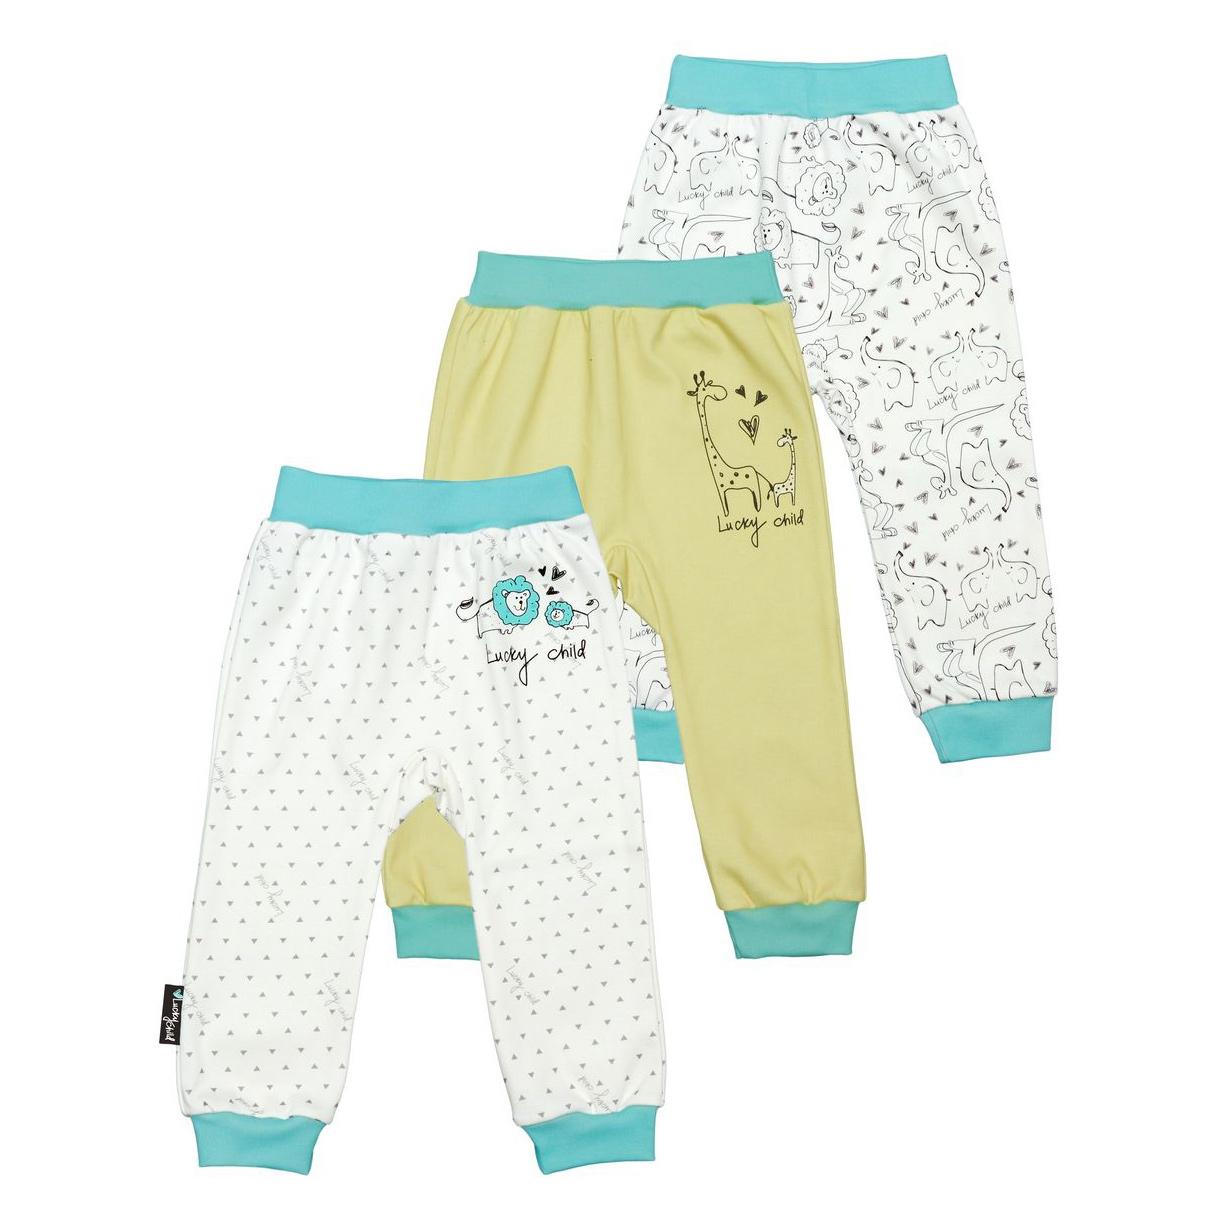 Купить Комплект штанишек Lucky Child Зоопарк 3 шт 86-92, Белый, Бирюзовый, Желтый, Интерлок, Для детей, Всесезонный,